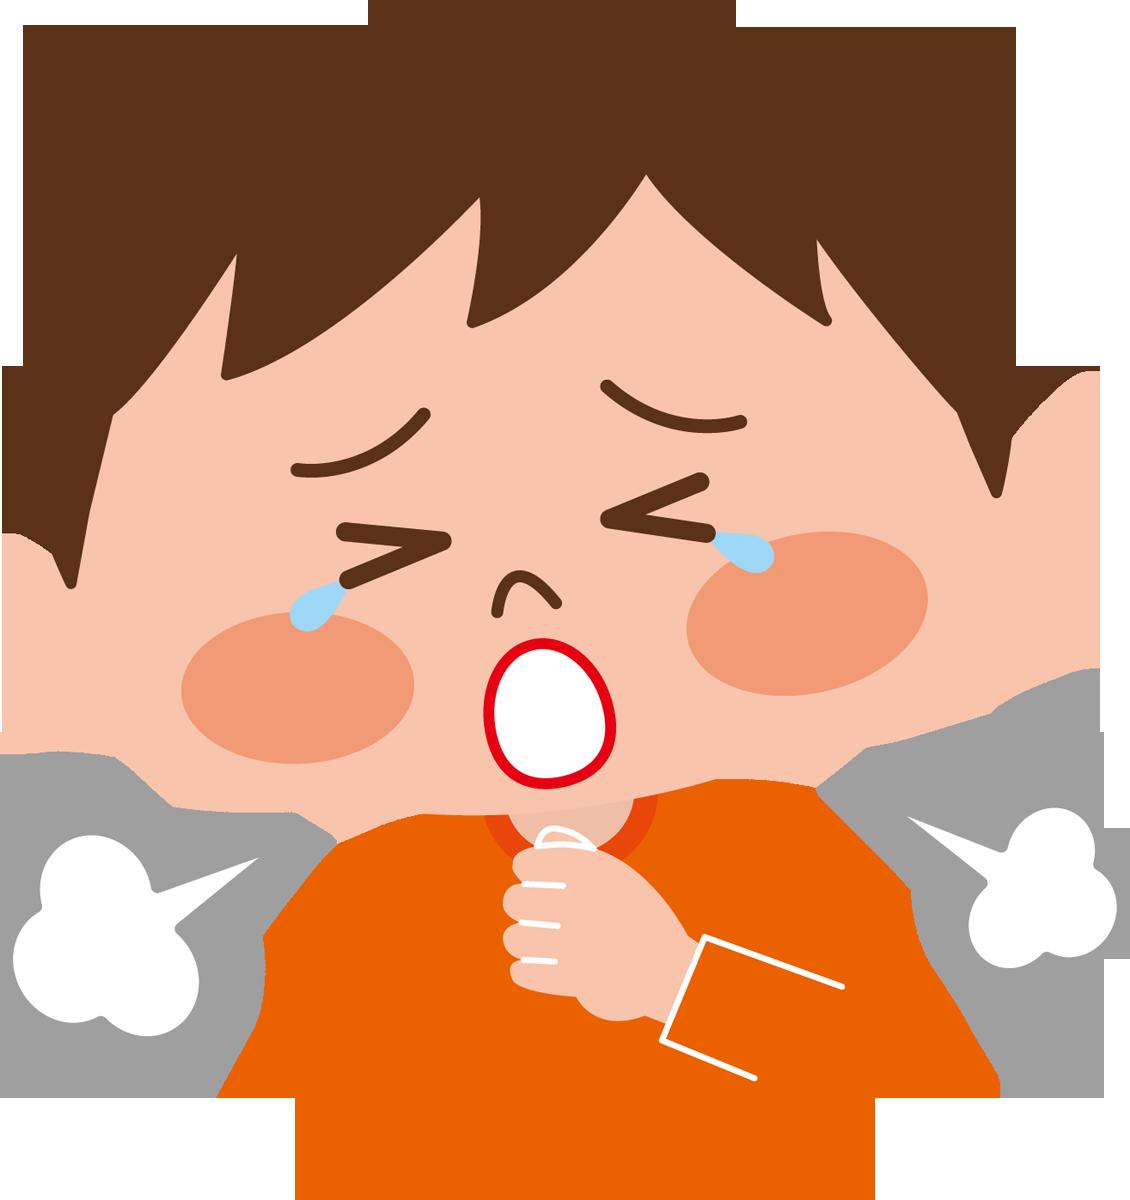 吸入ステロイド薬に長時間作用型気管支拡張薬(LABA)を併用しても重大なリスクは上昇しない